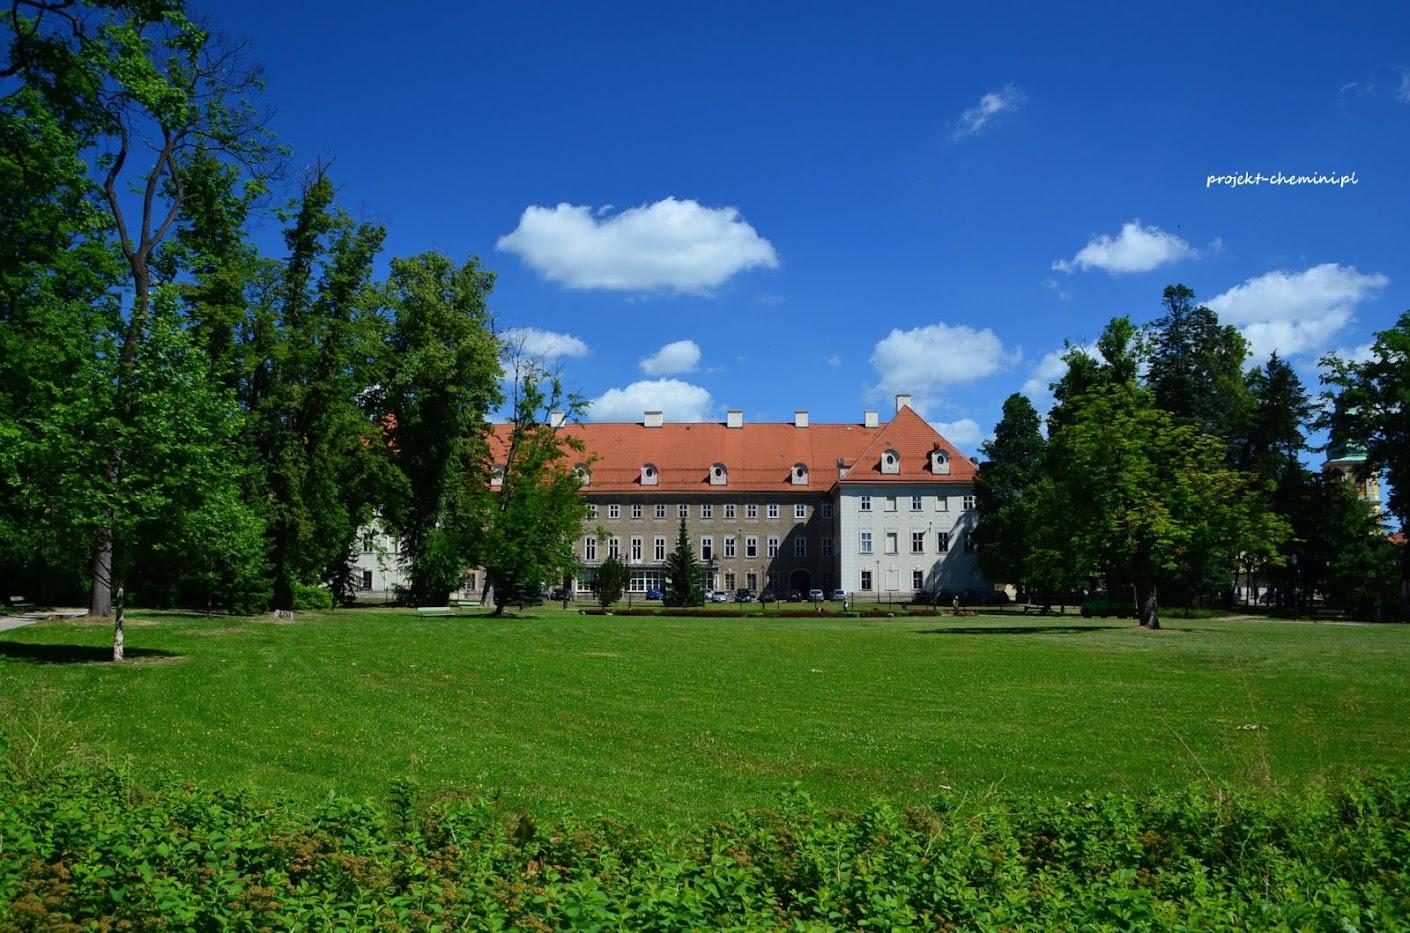 Pałac Schaffgotschów w Cieplicach-Park Zdrojowy